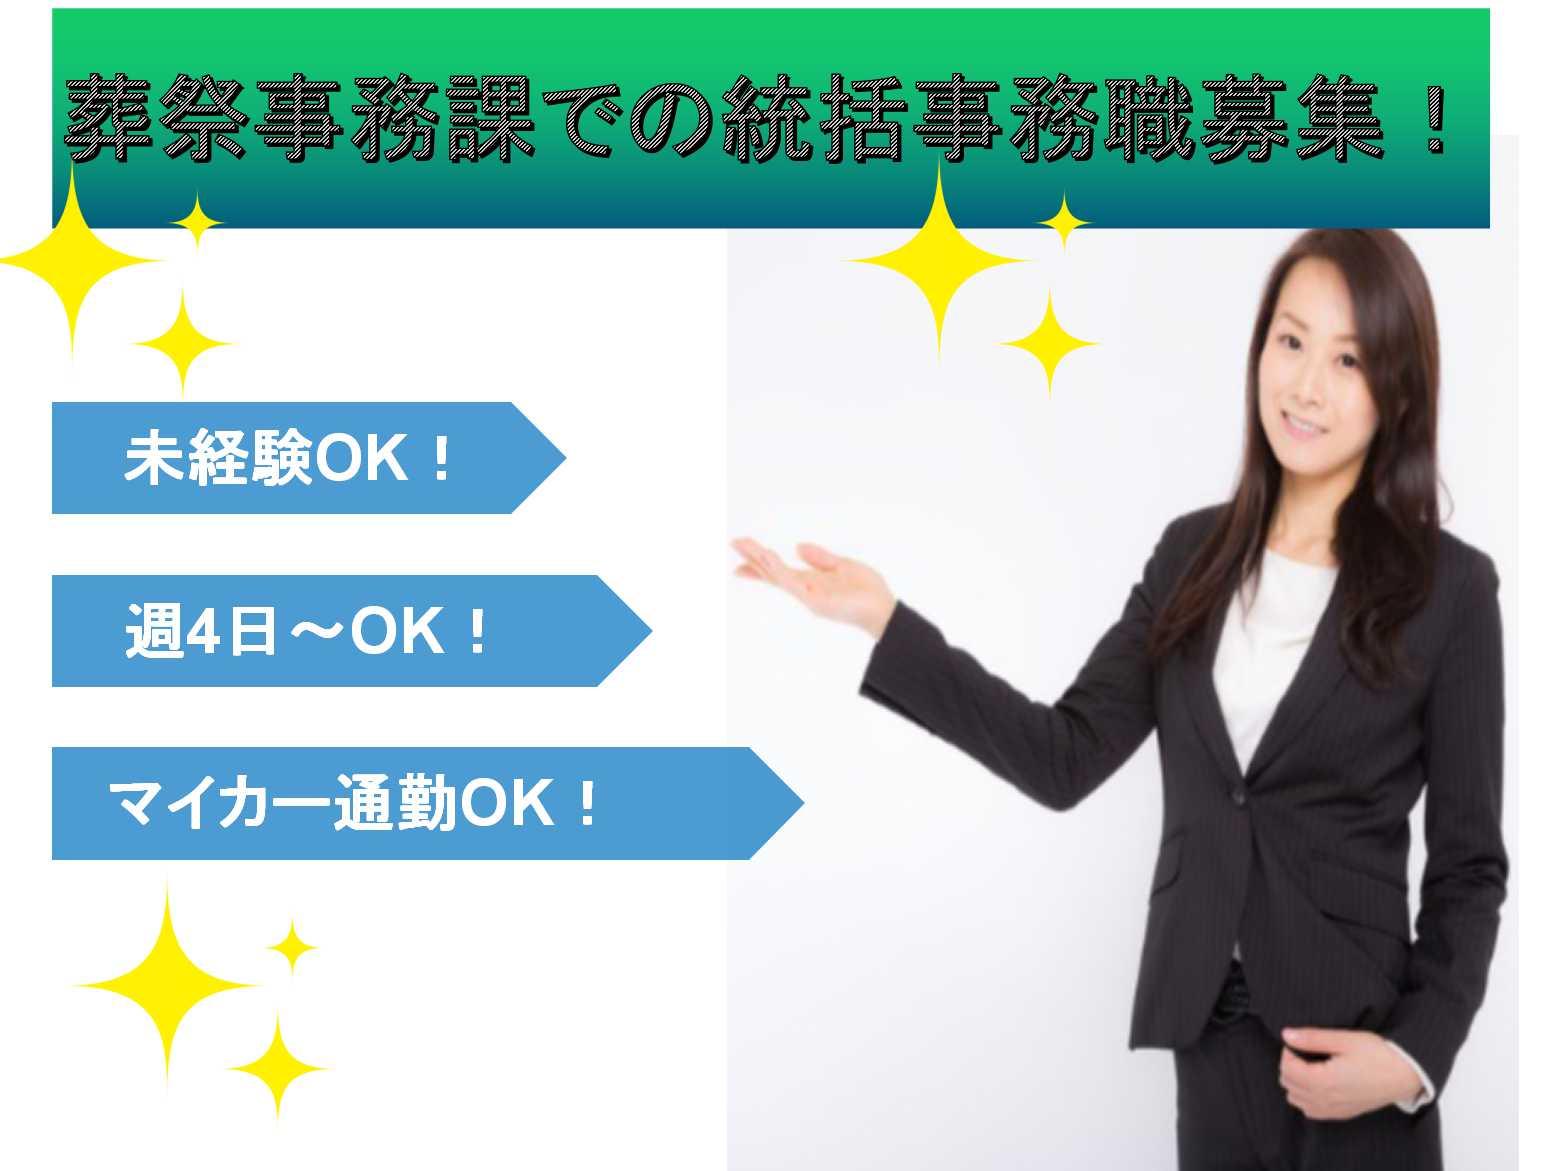 【正社員】マイカー通勤OK☆週4日~OK☆葬祭事務課での統括事務職募集☆ イメージ